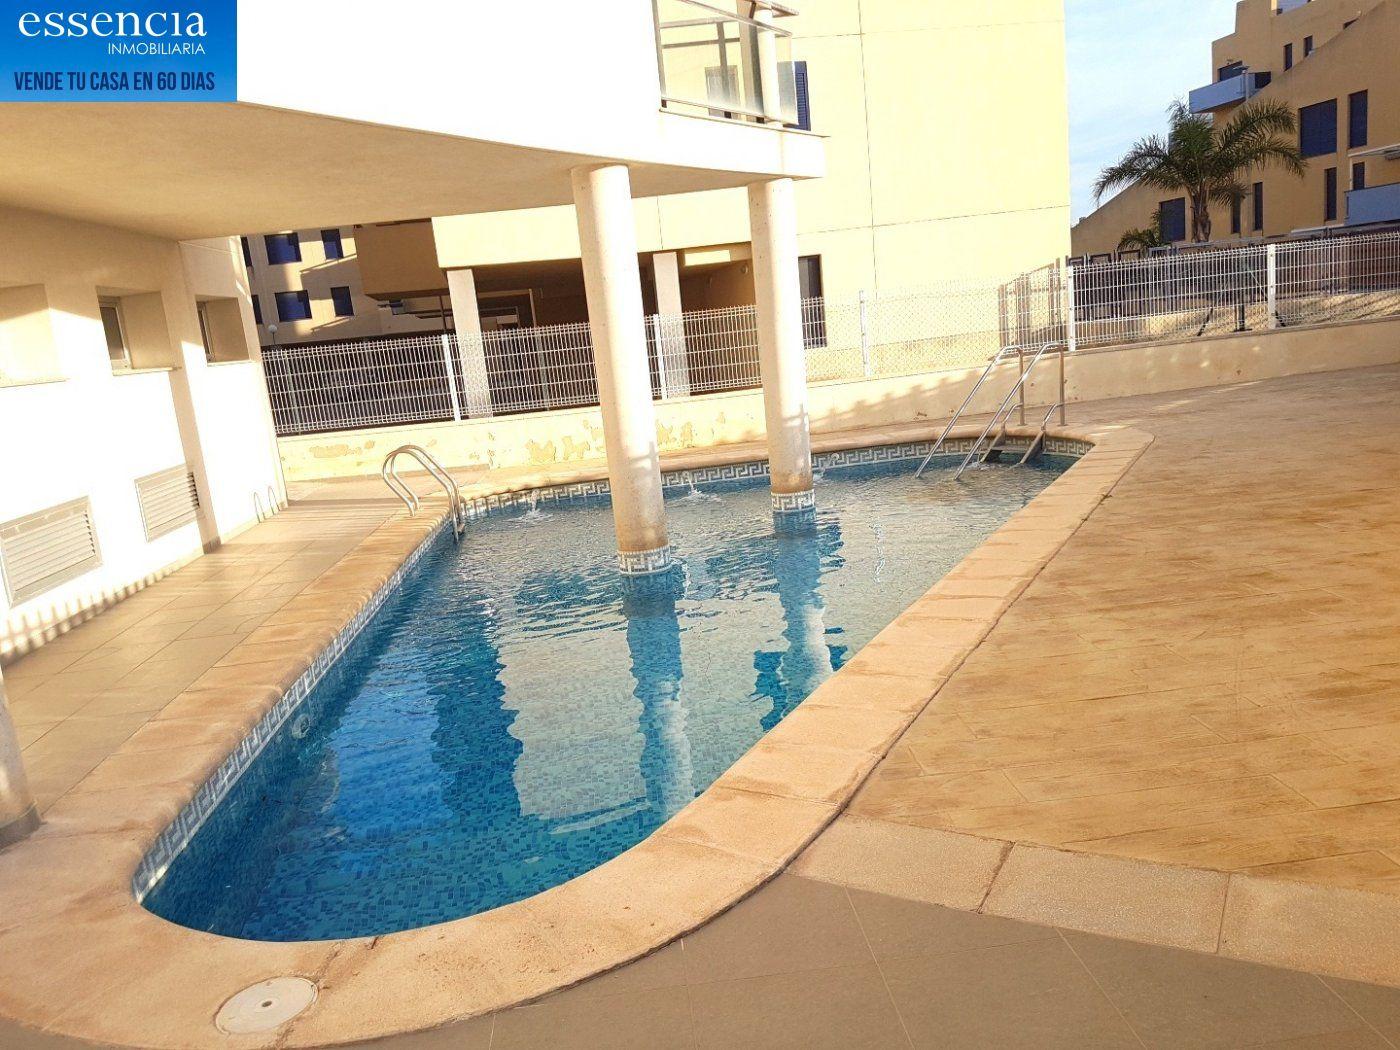 Apartamento con vistas al mar en playa de bellreguard.  garaje y piscina. - imagenInmueble7